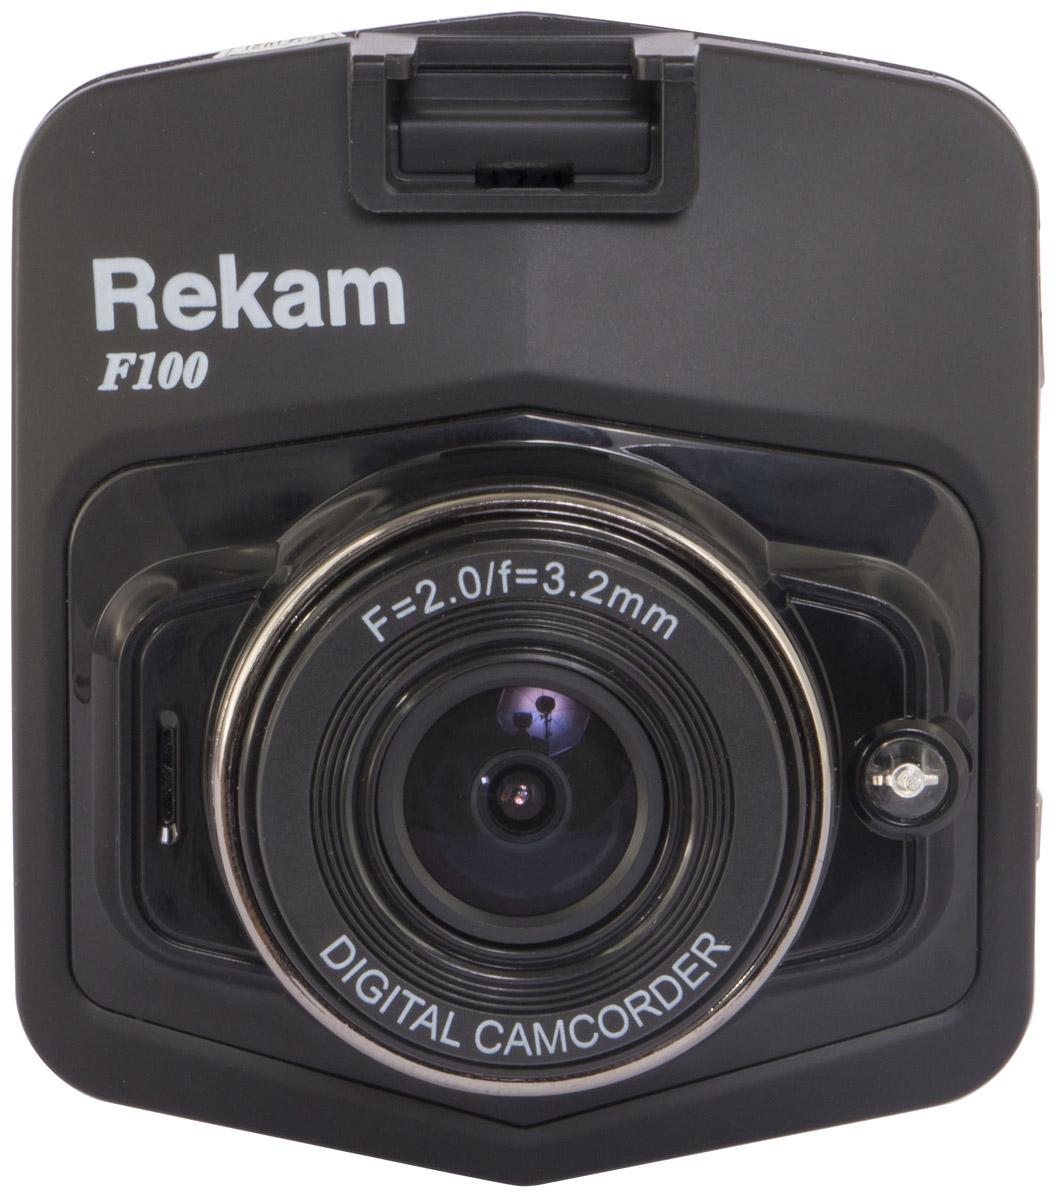 Rekam F100 автомобильный видеорегистраторF100Rekam F100 - компактный и простой в использовании видеорегистратор. Оснащен самыми необходимыми функциями для качественной записи обстановки на дороге. 6-линзовый объектив обеспечивает достойное качество съемки в различных условиях освещения. Улучшить видимость в ночное время дает возможность светодиодная подсветка. Объектив с обзором 120° позволяет в полной мере охватить ситуацию на дороге, обеспечивая минимальные искажения по краям. Благодаря яркому ЖК- экрану отснятое видео удобно просматривать на видеорегистраторе. Режим экстренной записи, при ударе или резком ускорении, реализован на основе 3-осевого G-сенсора. Для активации режима Парковка предусмотрена отдельная красная кнопка на панели управления. Штатное крепление на лобовое стекло отличается простым креплением самого видеорегистратора, дает возможность поворачивать его на 360° в горизонтальной плоскости и менять угол наклона. Помимо всех перечисленных возможностей,...